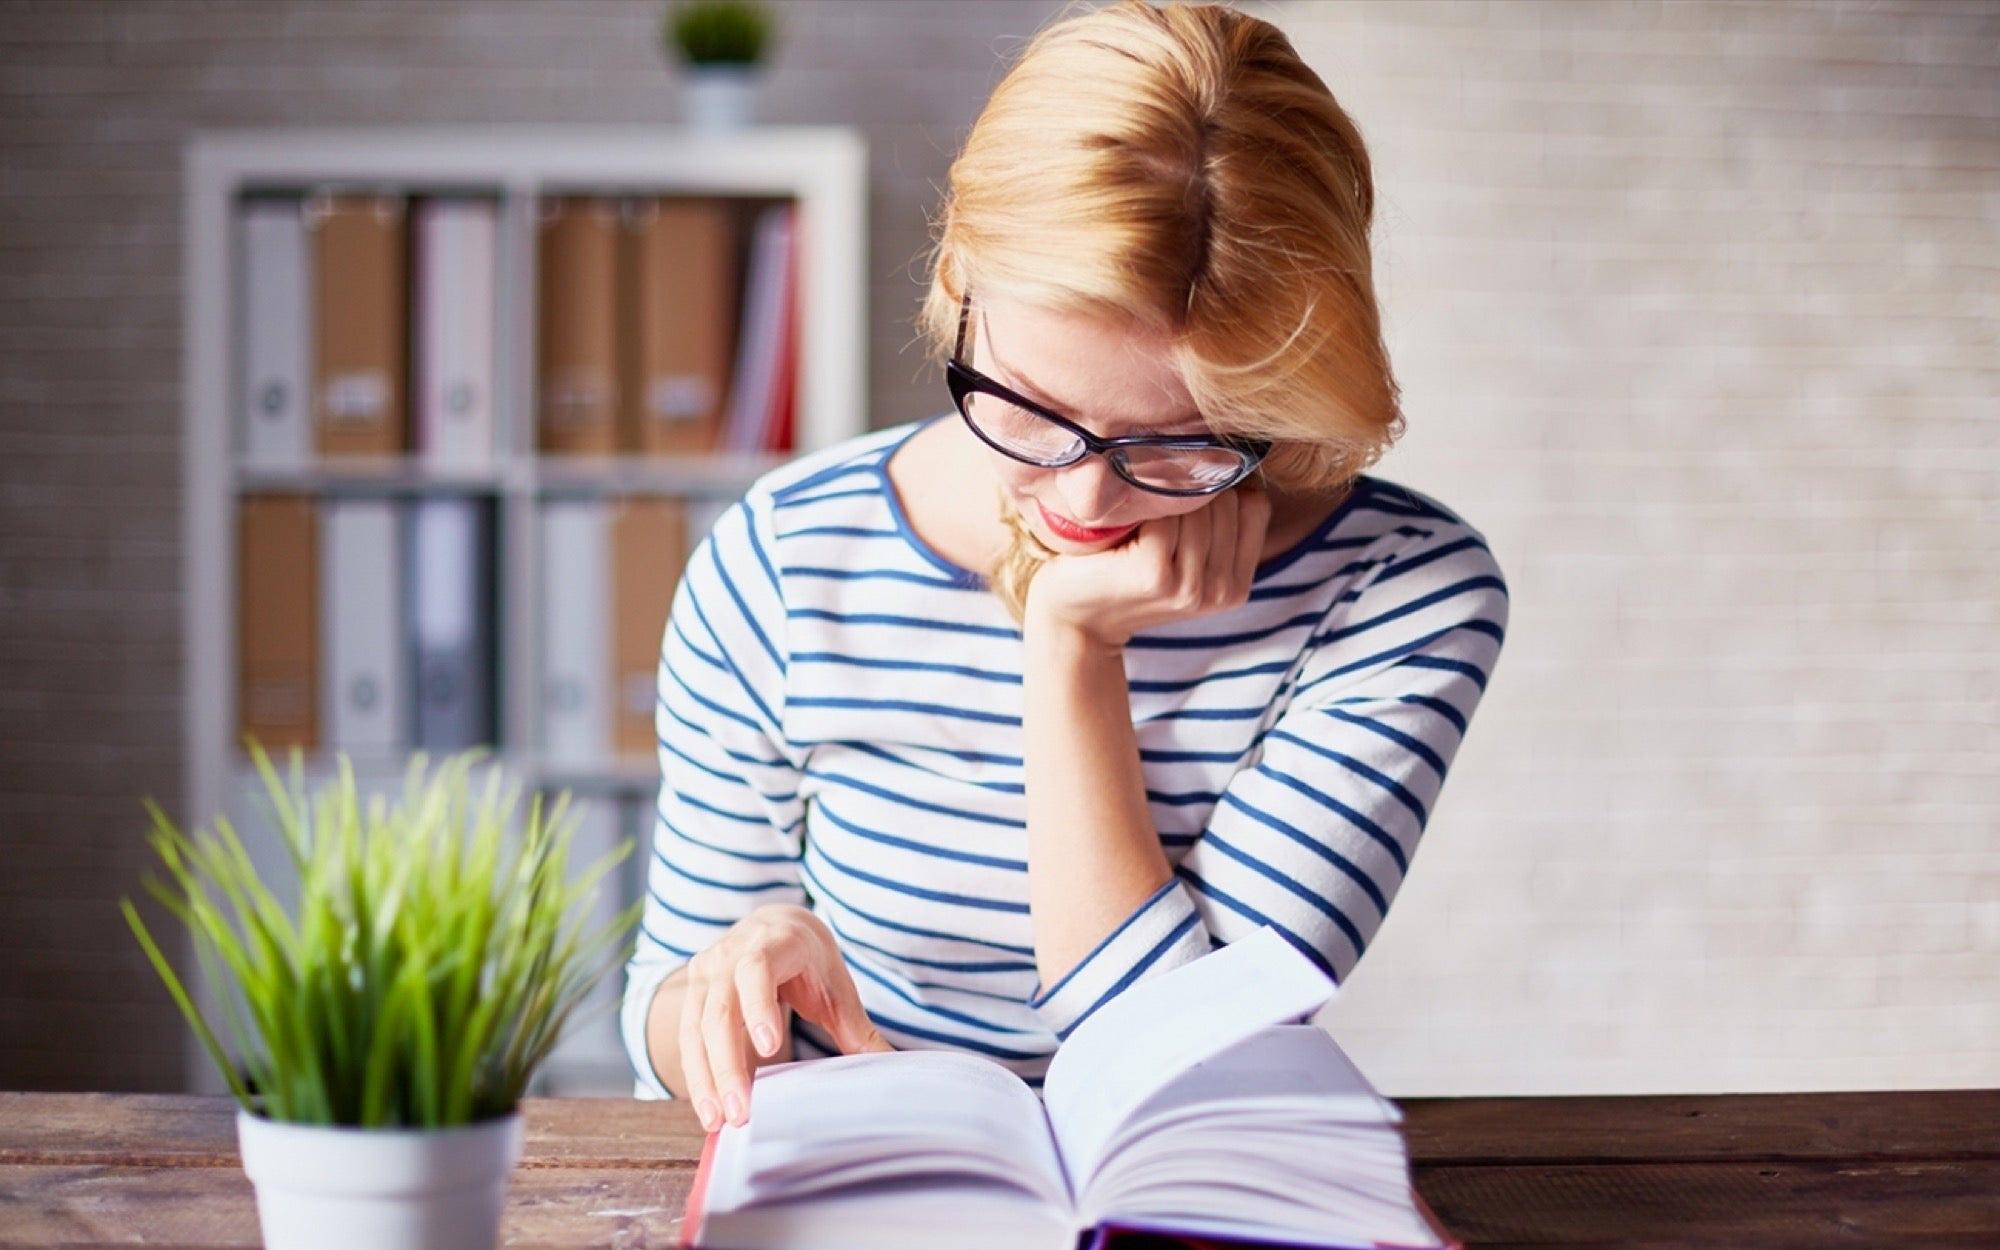 Đọc nhiều không bằng đọc 'chất lượng': Quan trọng là sau khi gấp sách bạn 'ngấm được gì', đừng lãng phí thời gian chỉ vì mọi người cho là nó đáng đọc